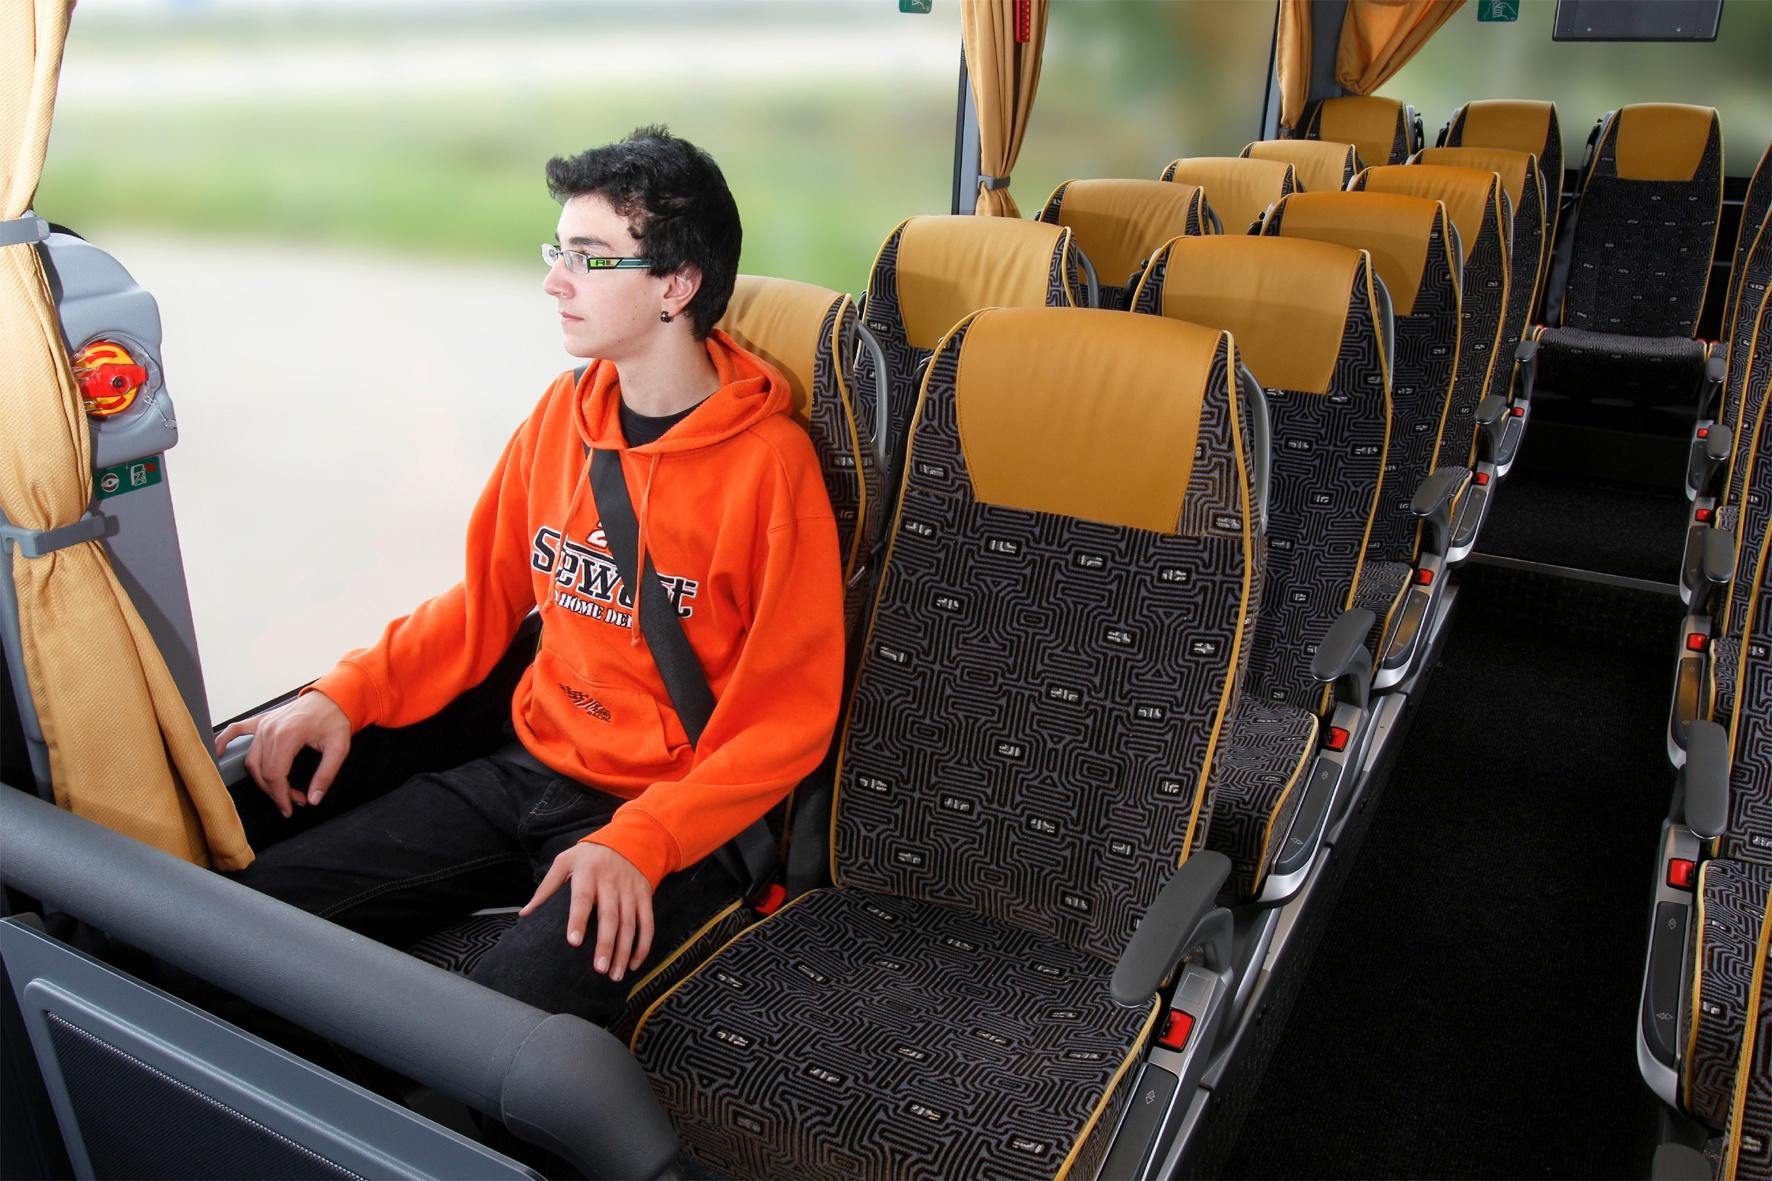 Es besteht eine europaweite Gurtpflicht in Reisebussen